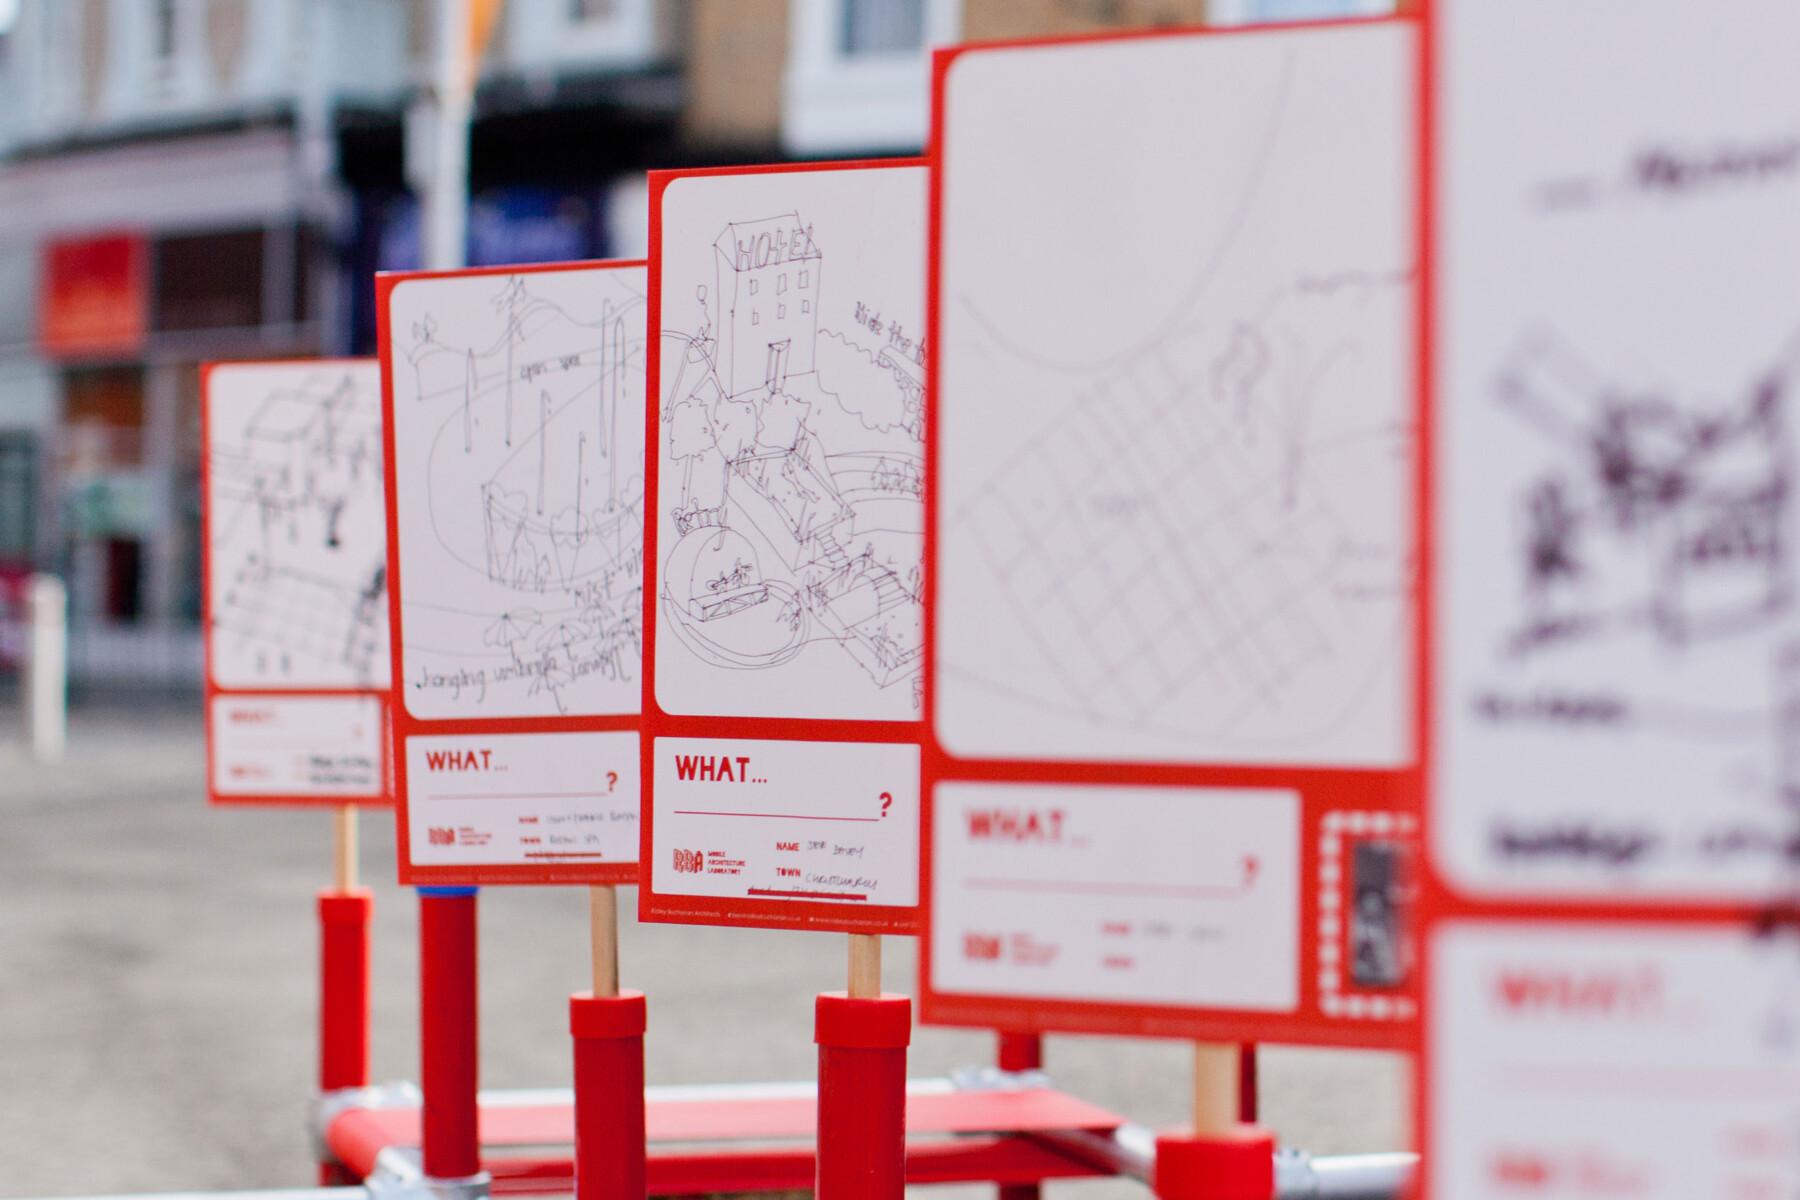 Mobile architecture lab - boards